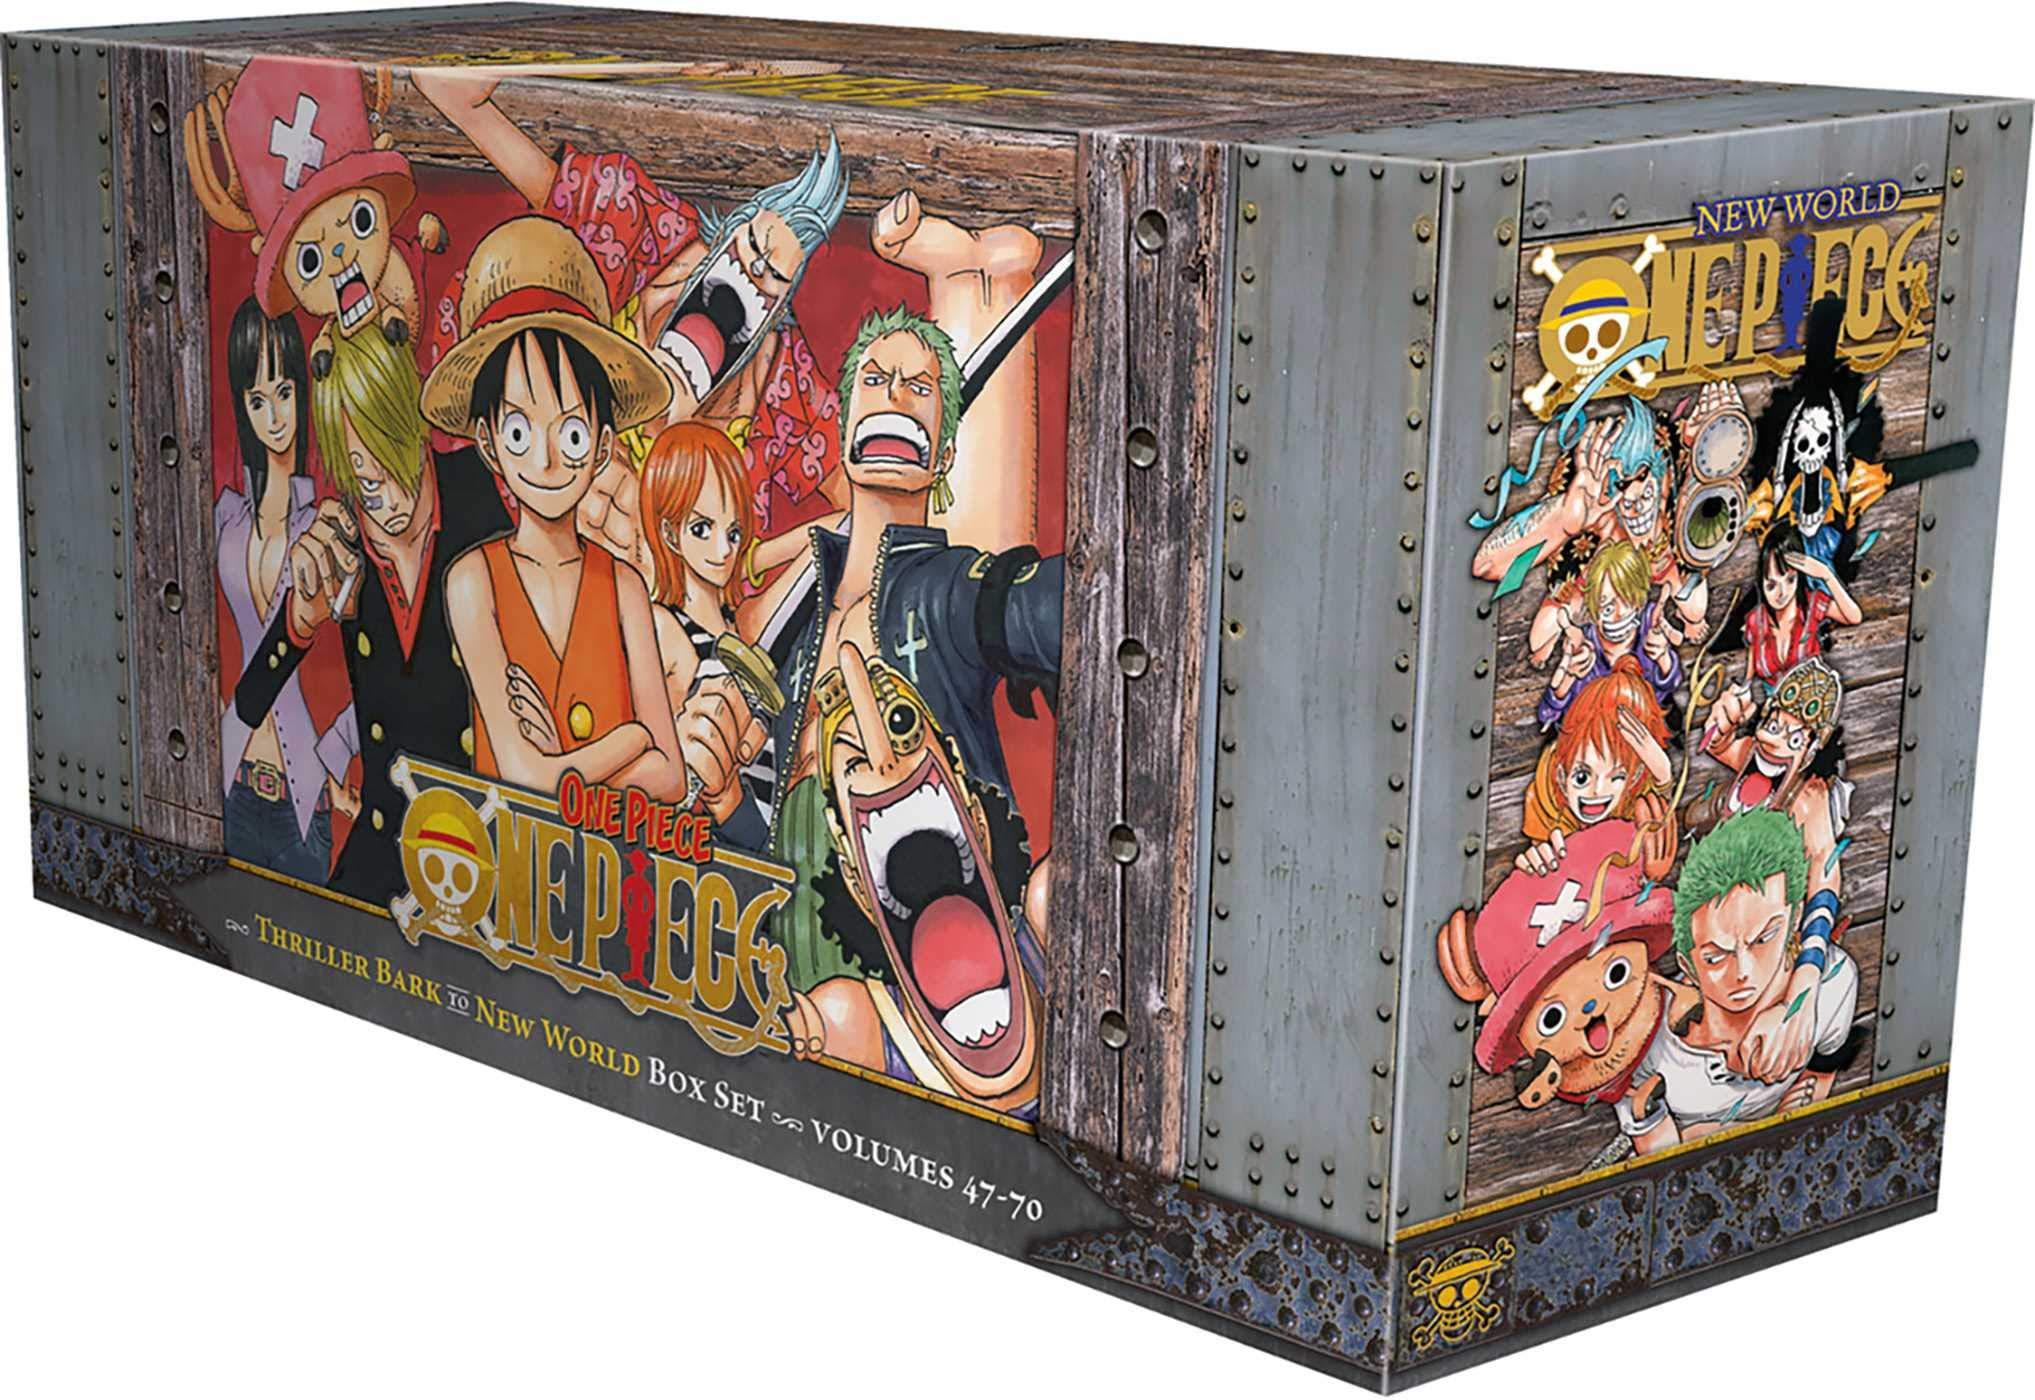 One Piece Box Set 3: Thriller Bark to New World, Volumes 47-70: Amazon.es: Oda, Eiichiro, Oda, Eiichiro: Libros en idiomas extranjeros